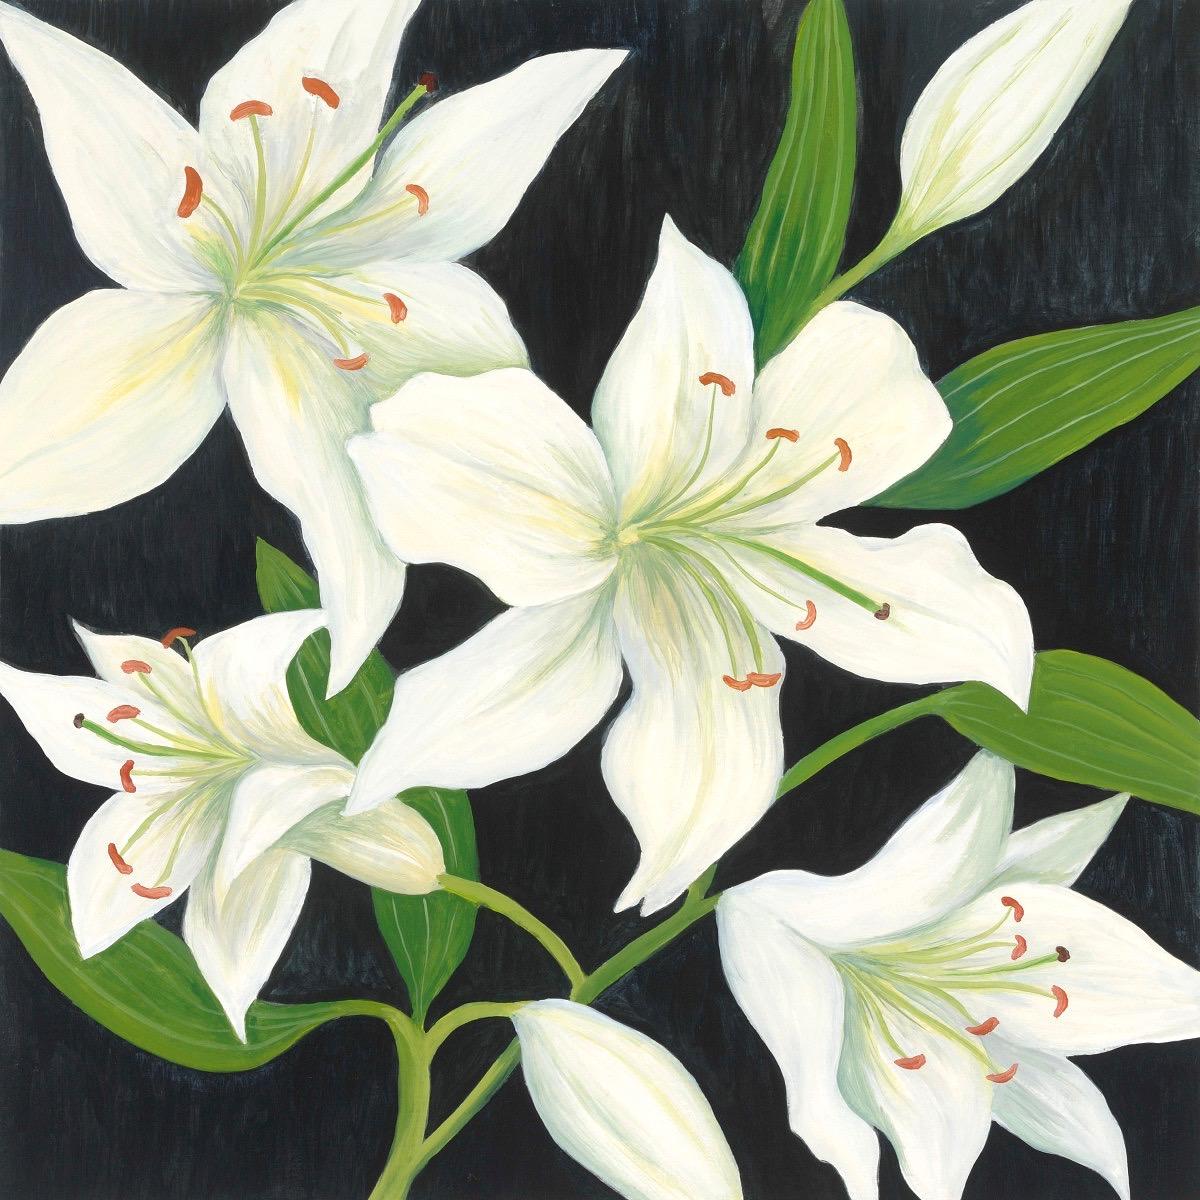 Lilies, 2016, oil on board, 18 x 18 in, $1,800